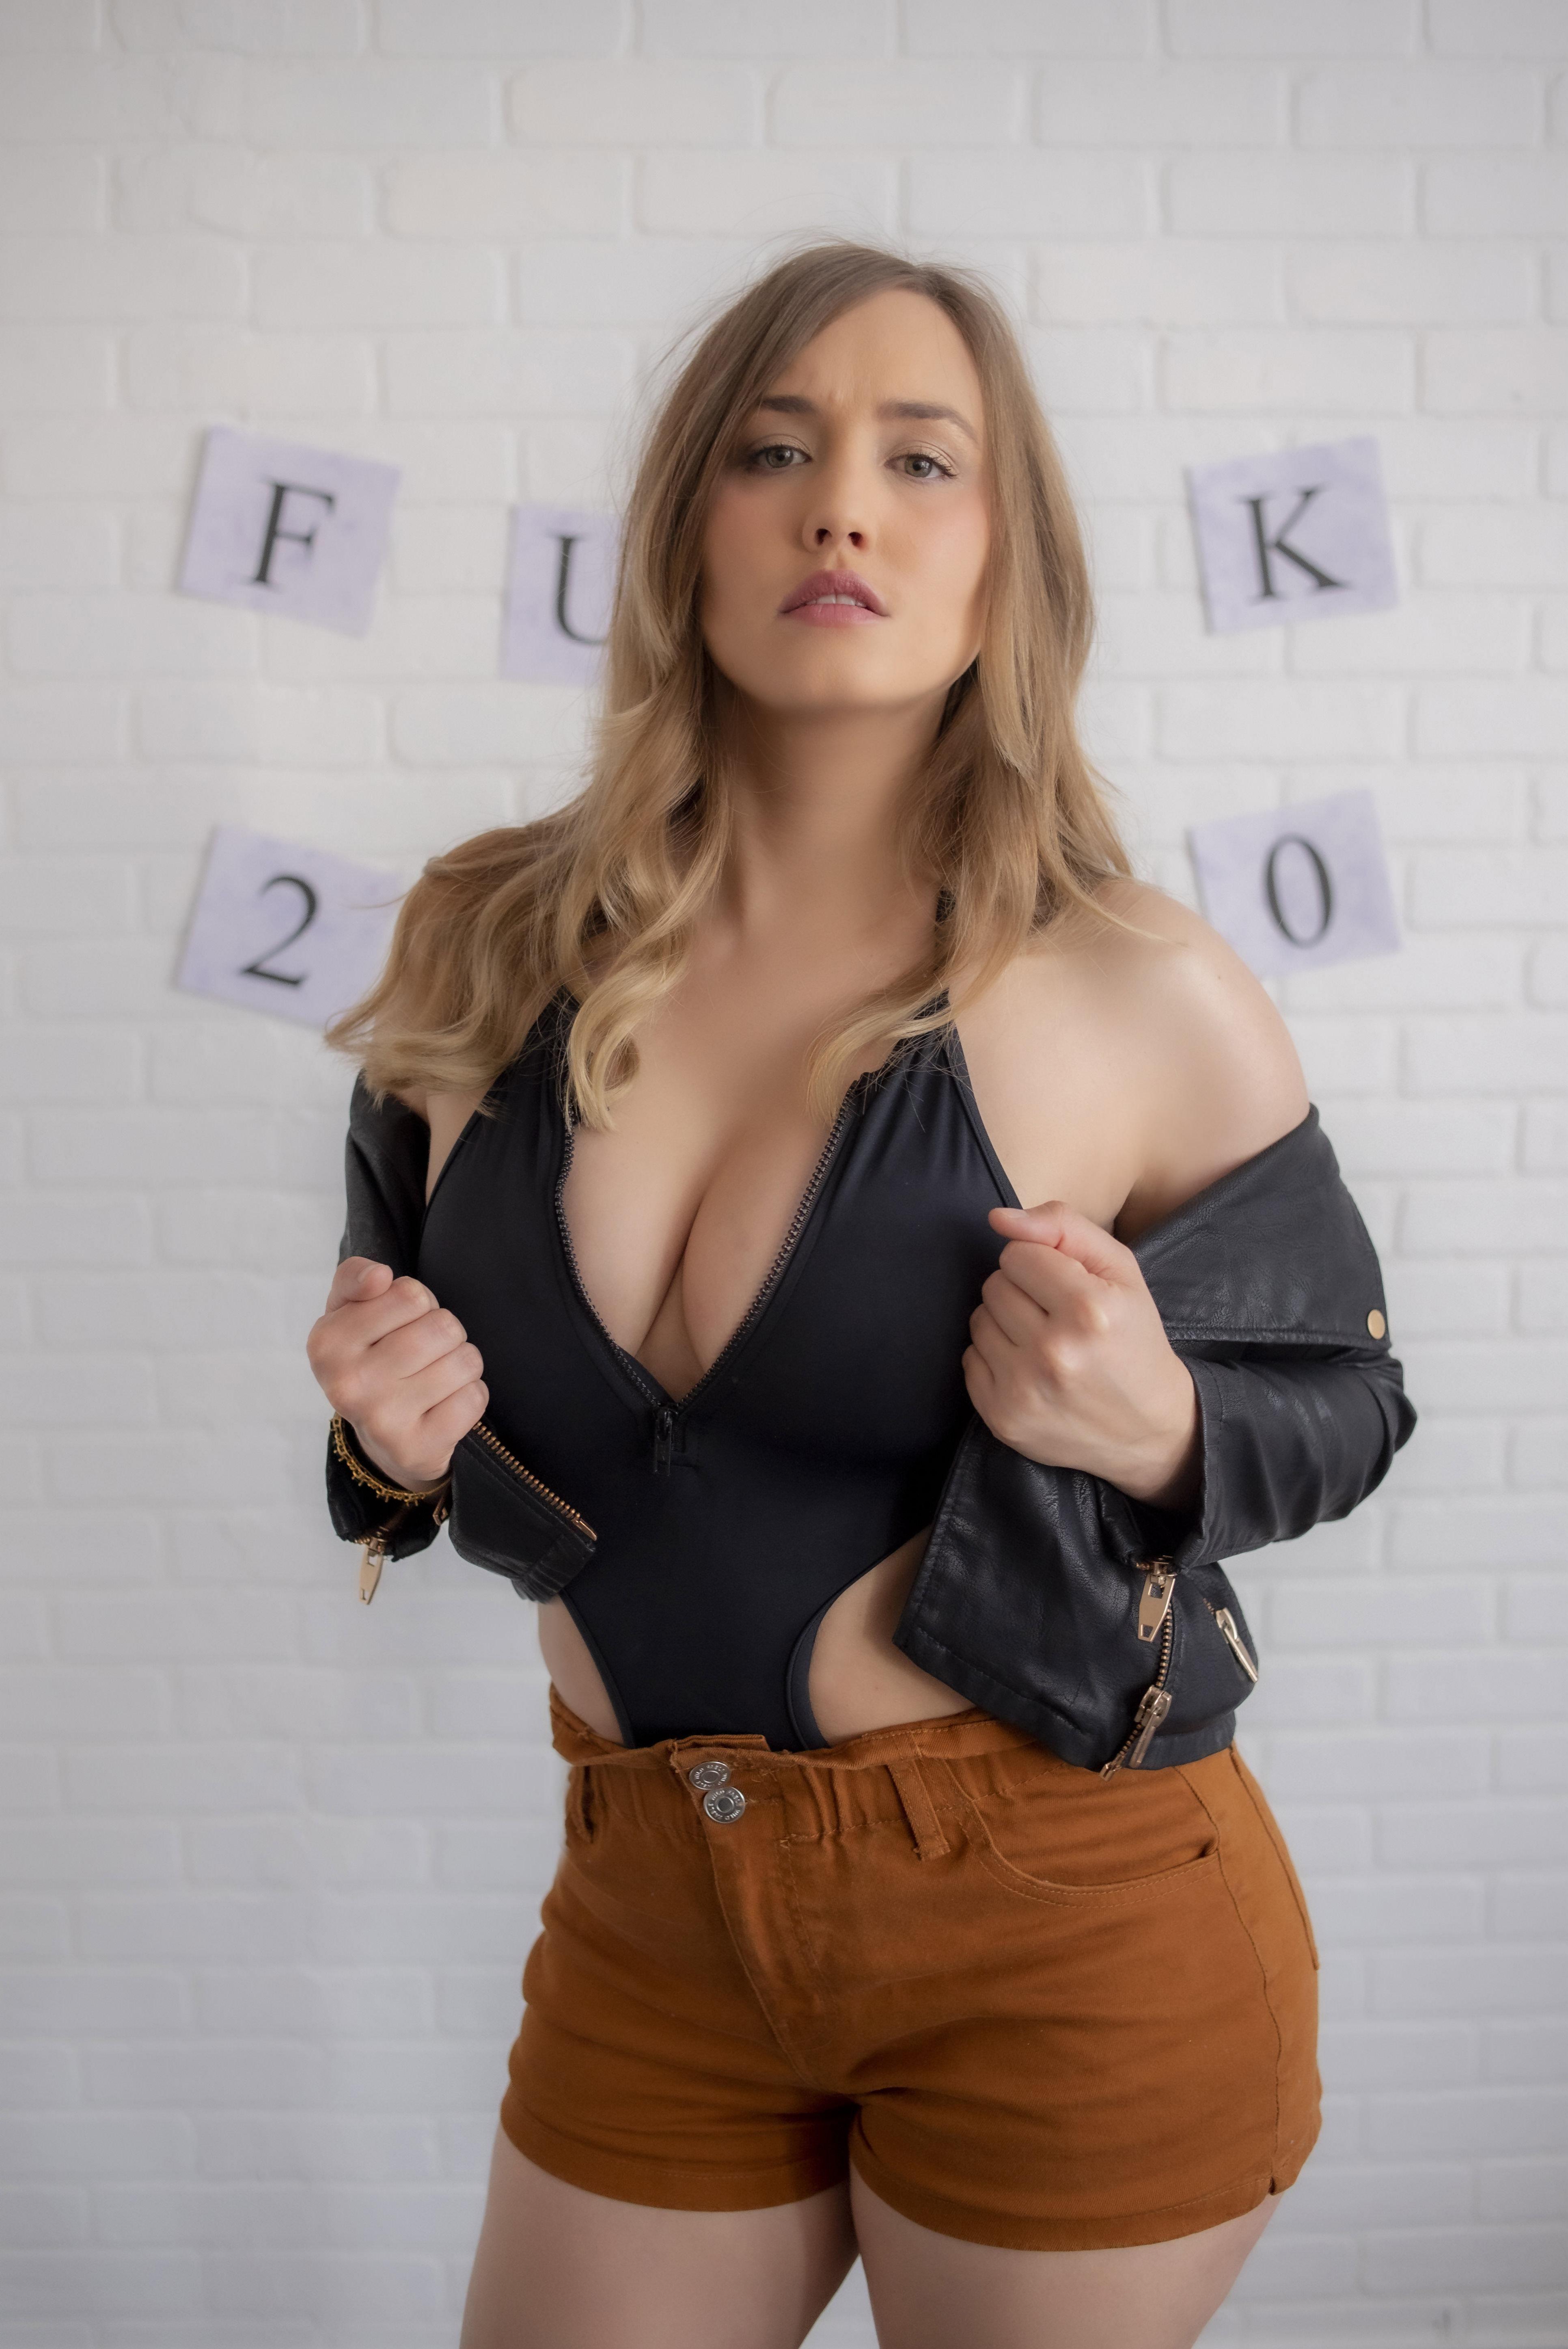 Naomi Kyle Porn